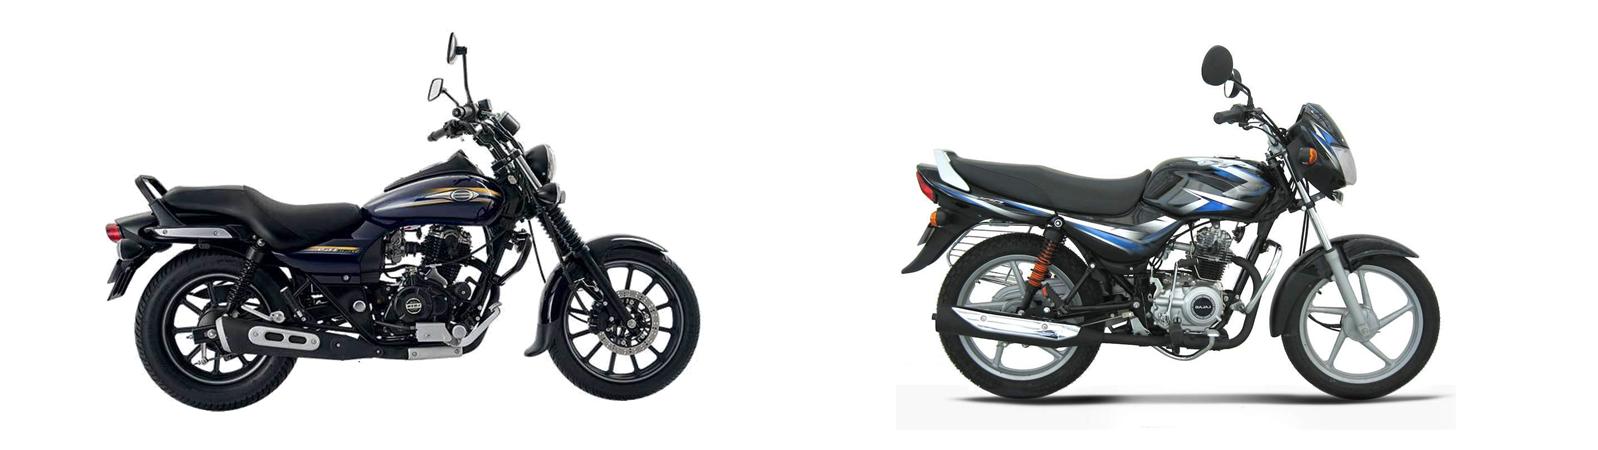 boombikes-slider-3.jpg